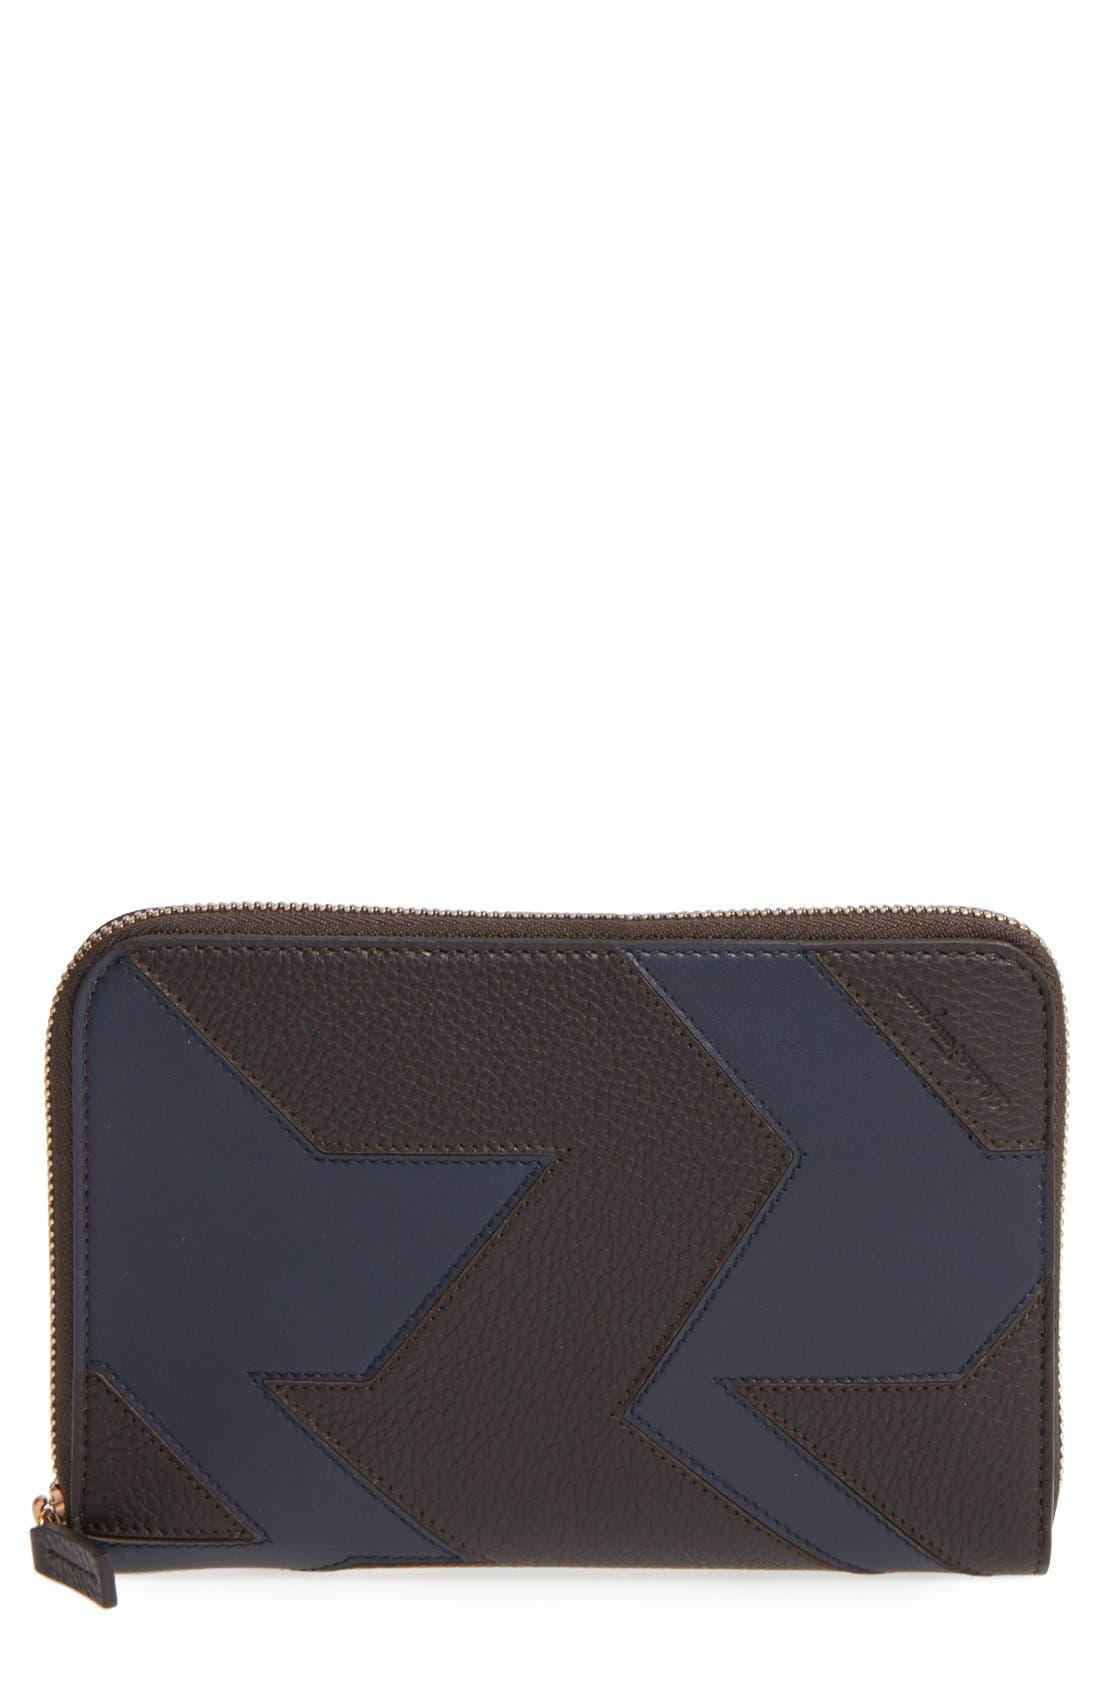 Zip Wallet,                         Main,                         color, Fondente/ Navy